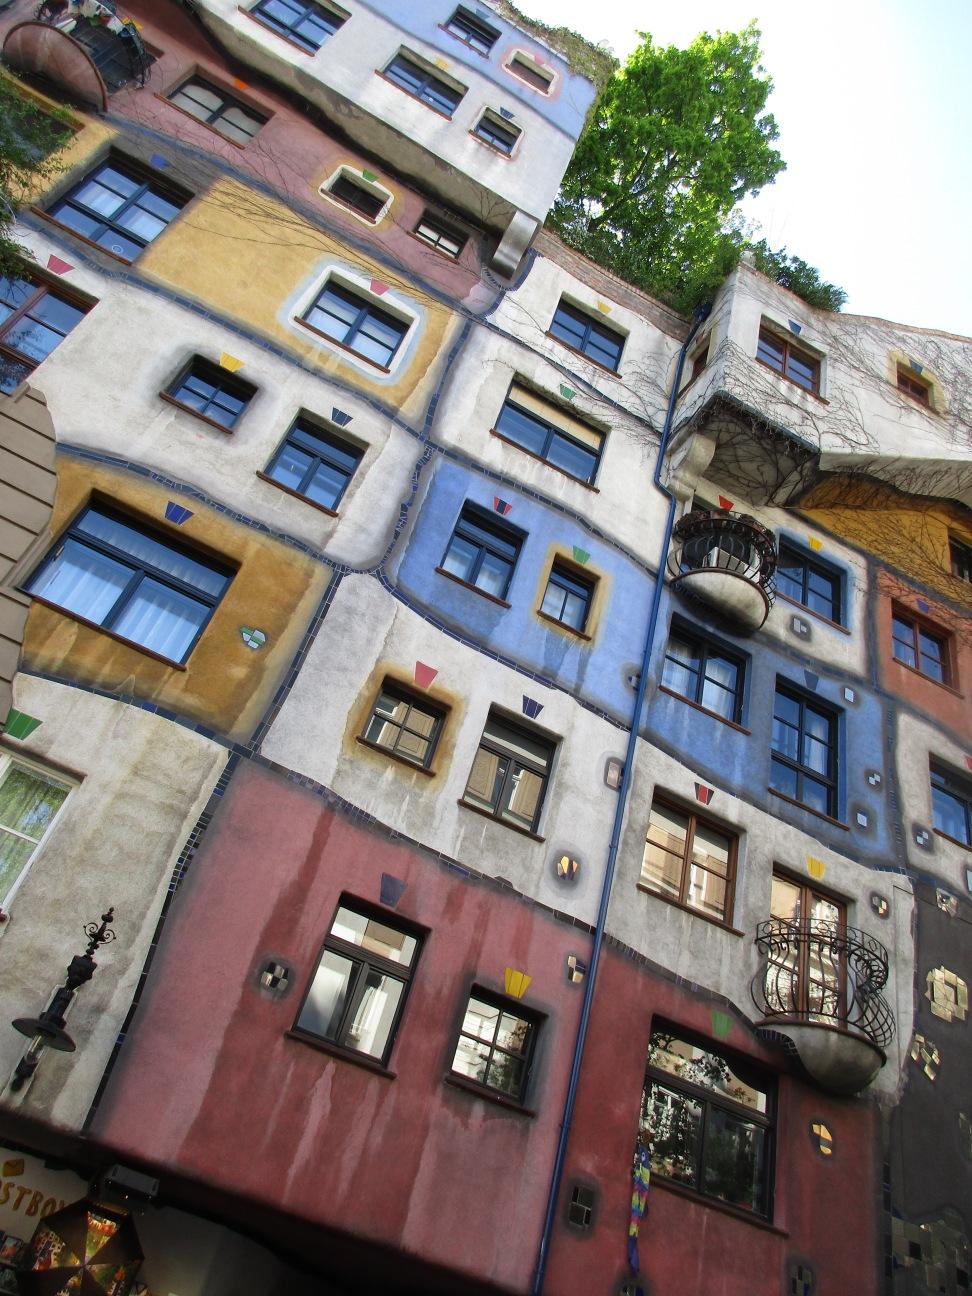 Hundertwasserhaus © Wolfgang Stoephasius